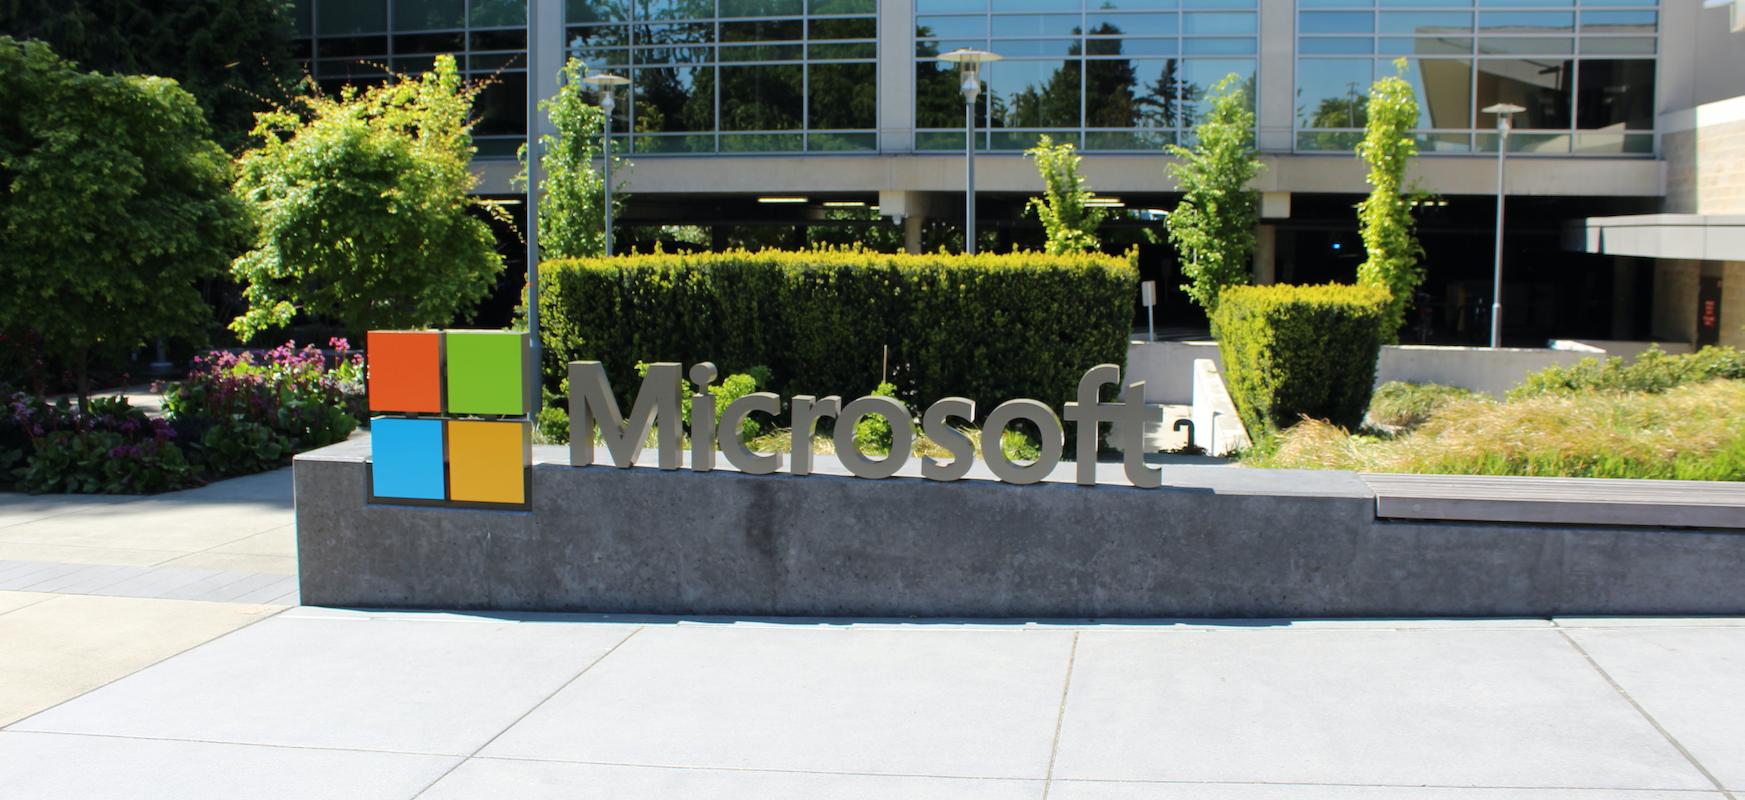 Microsoft-ek Visual Basic-en garapena osatu du.  Garai garrantzitsu baten amaiera da